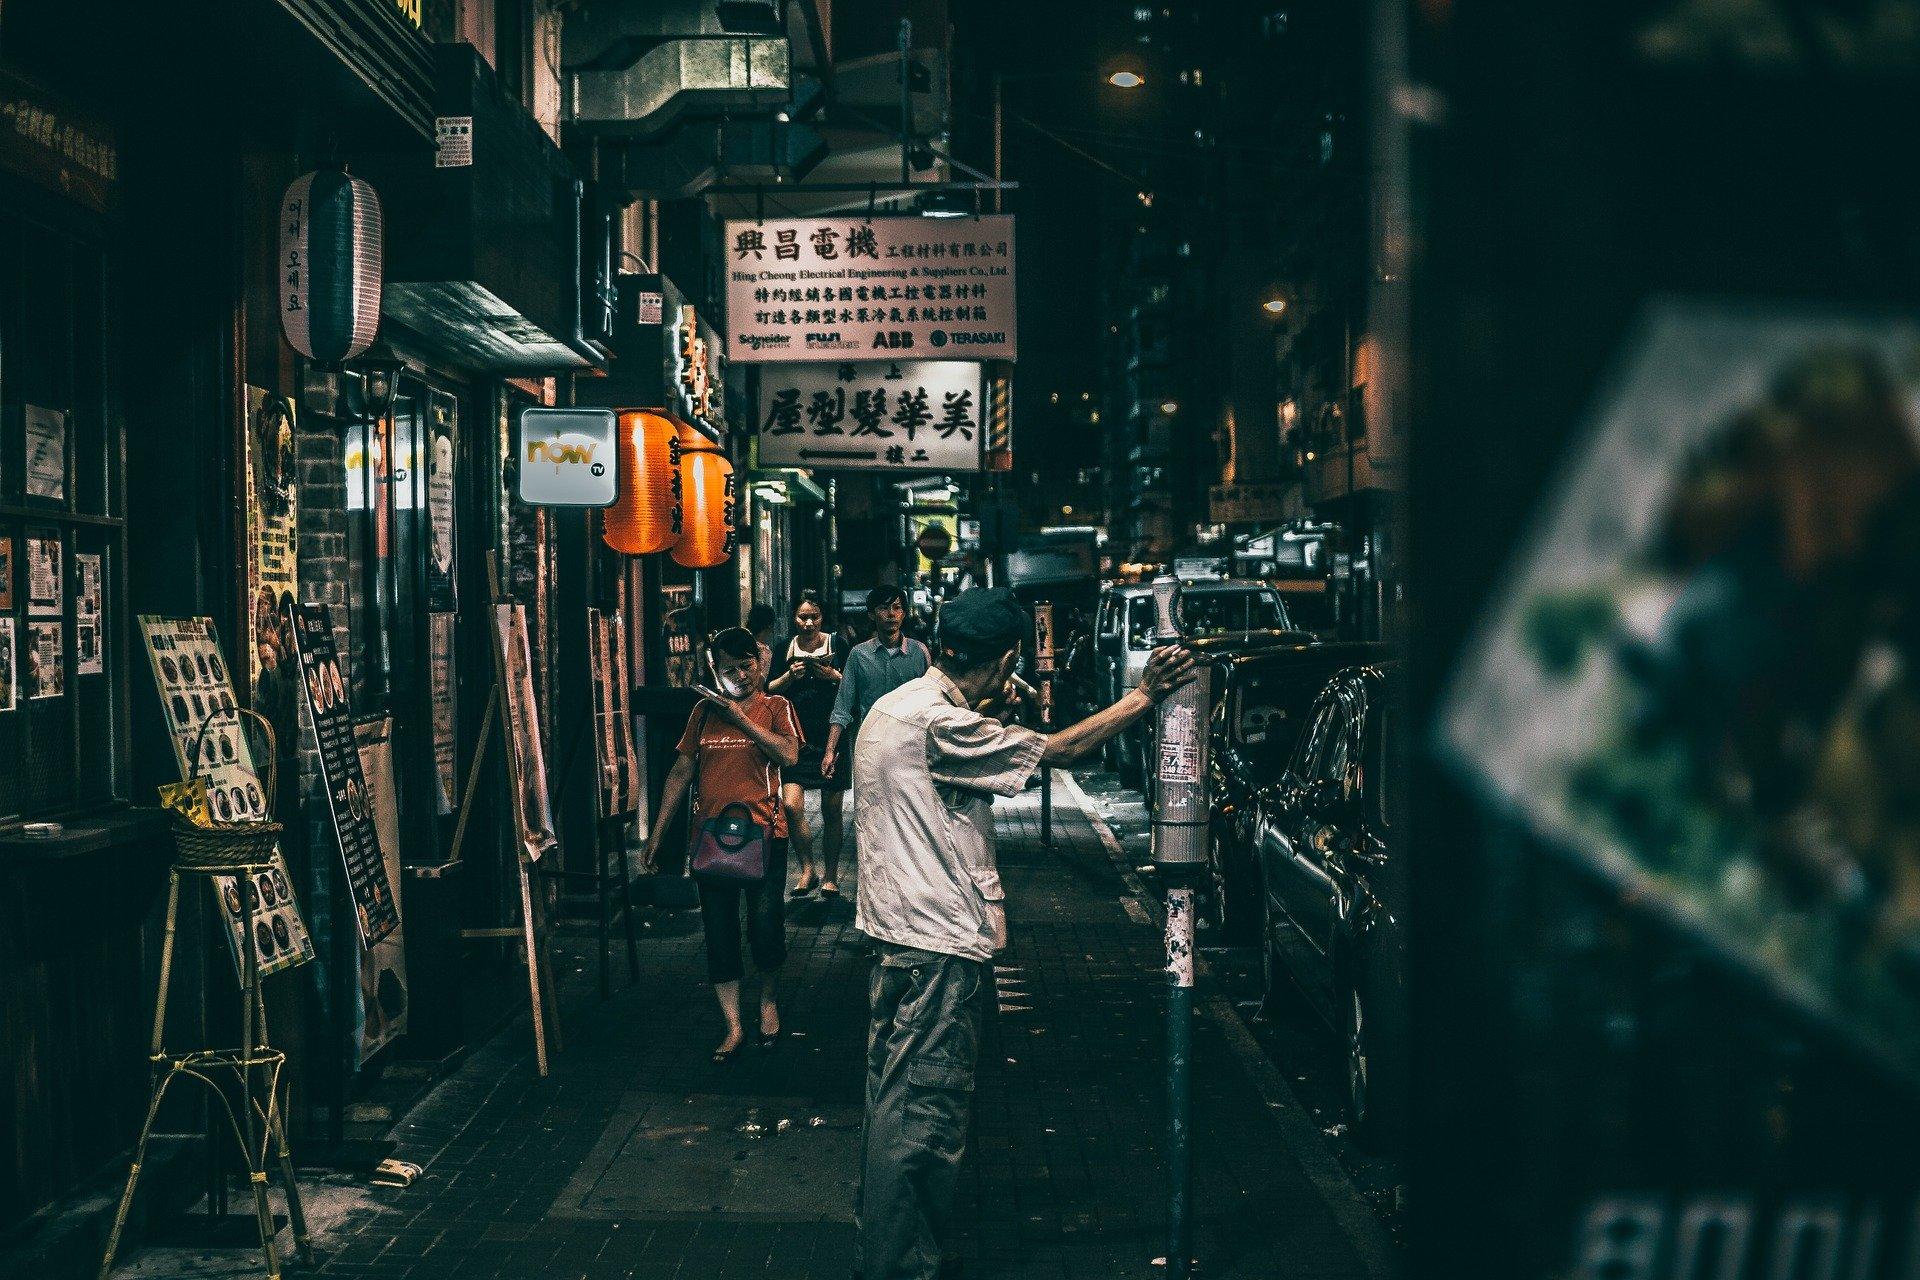 china 1031557 1920.jpg - En deux ans, un retraité japonnais a appelé 24.000 fois le service client se son opérateur téléphonique